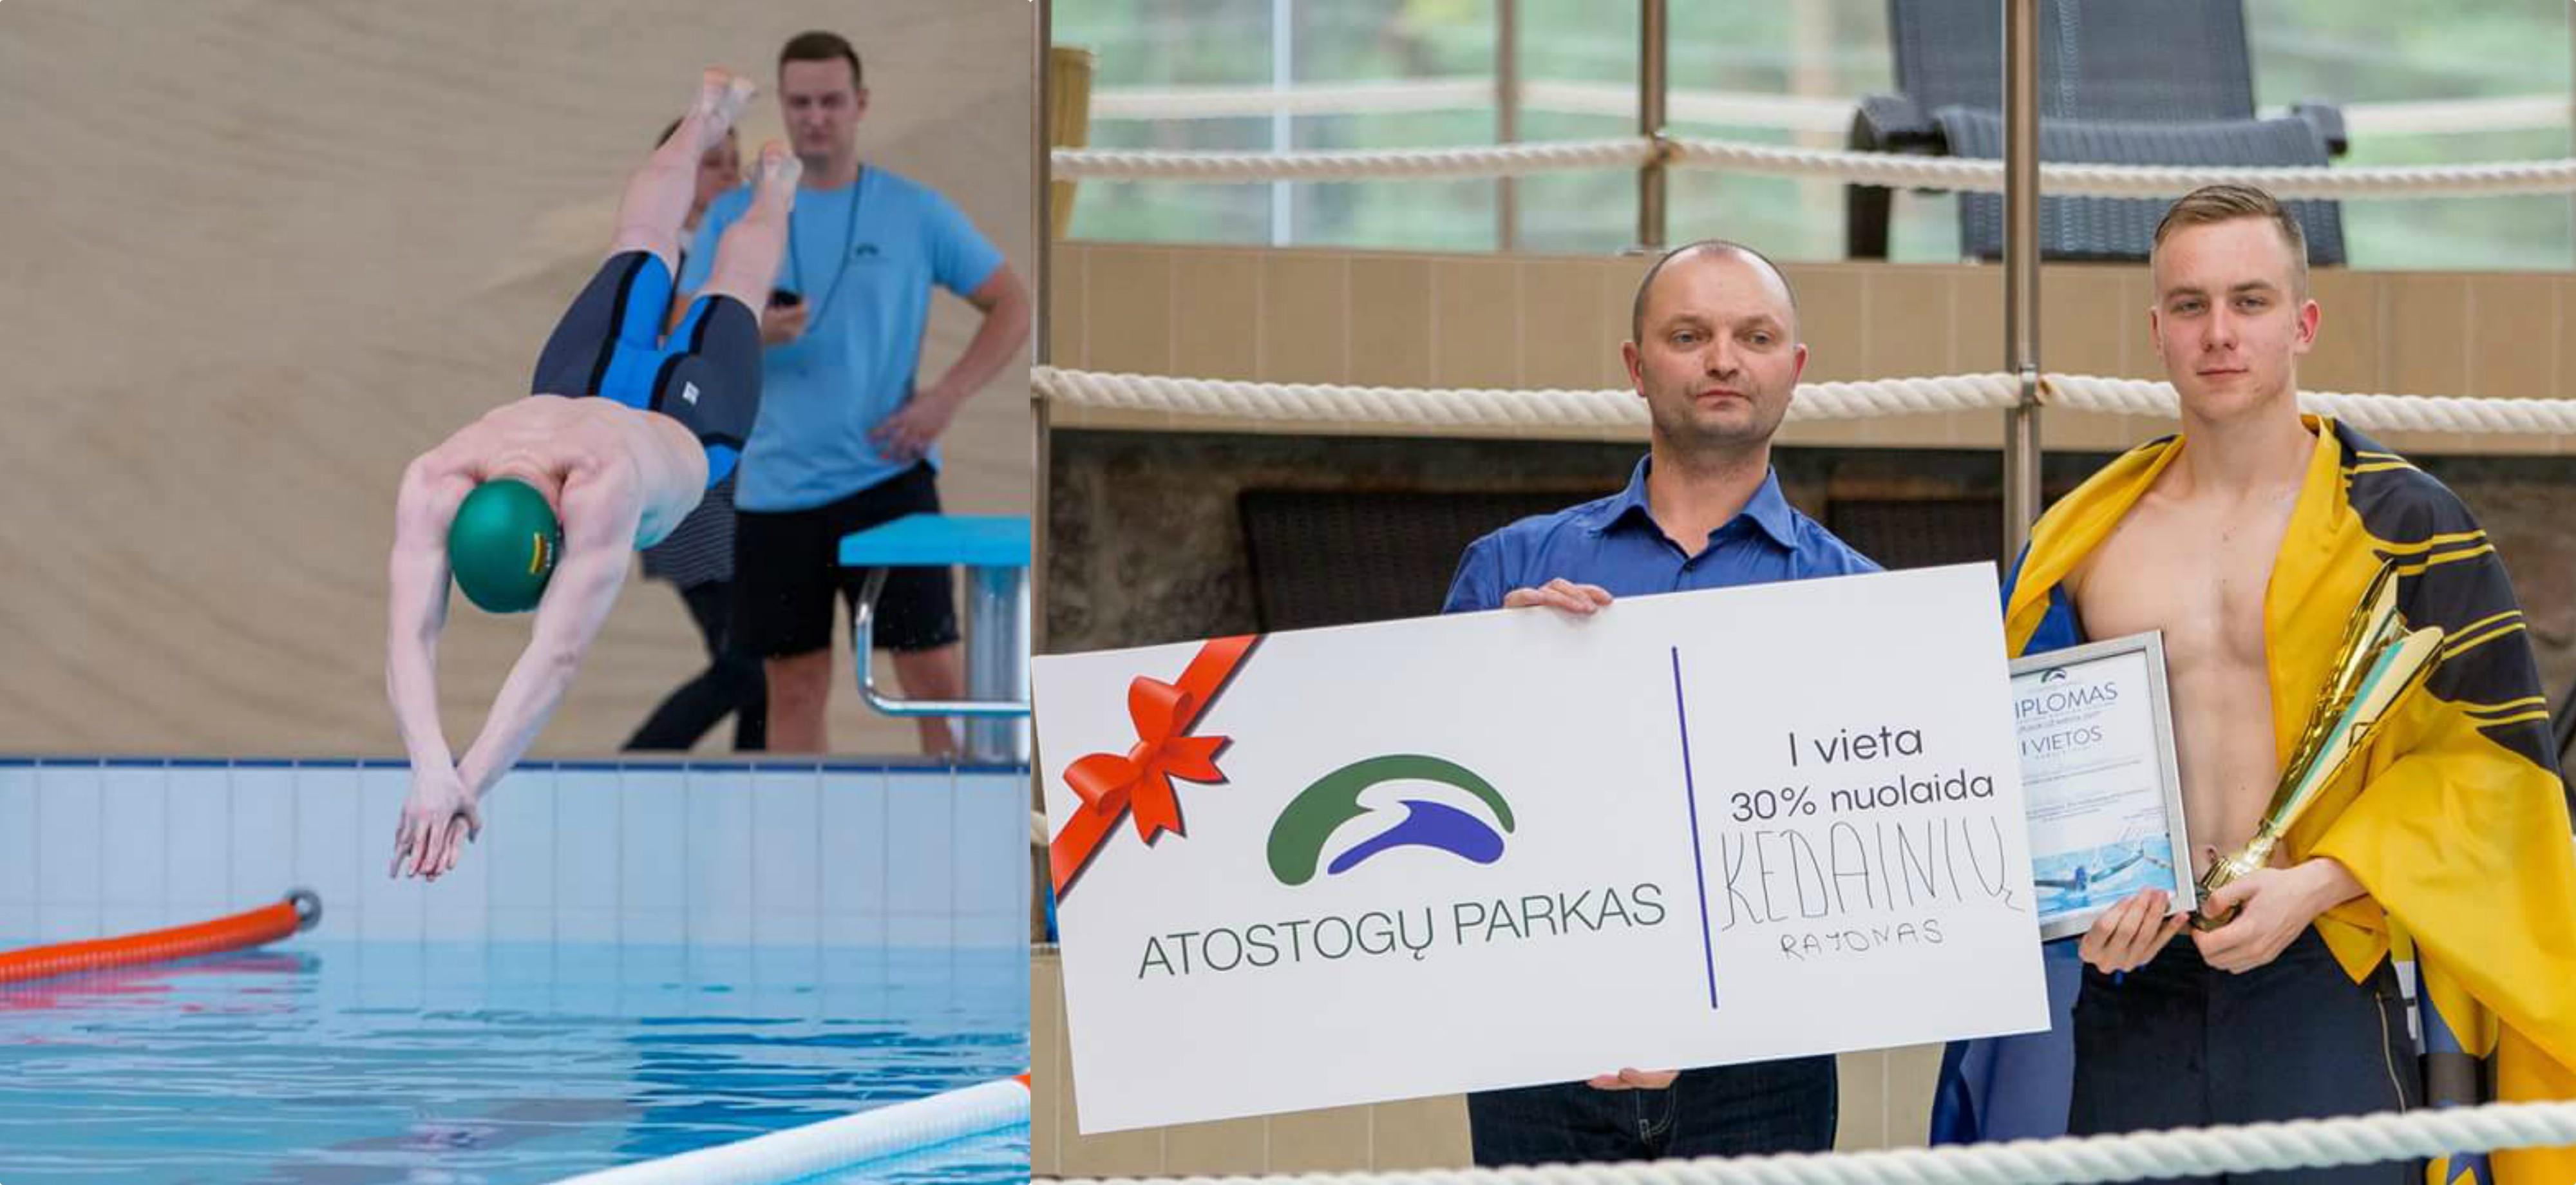 """Savo jėgas plaukime Darijus išbandė dalyvaudamas ir Kretingoje organizuotose varžybose """"Plauk už miestą 2017"""". Asmeninio archyvo nuotr."""